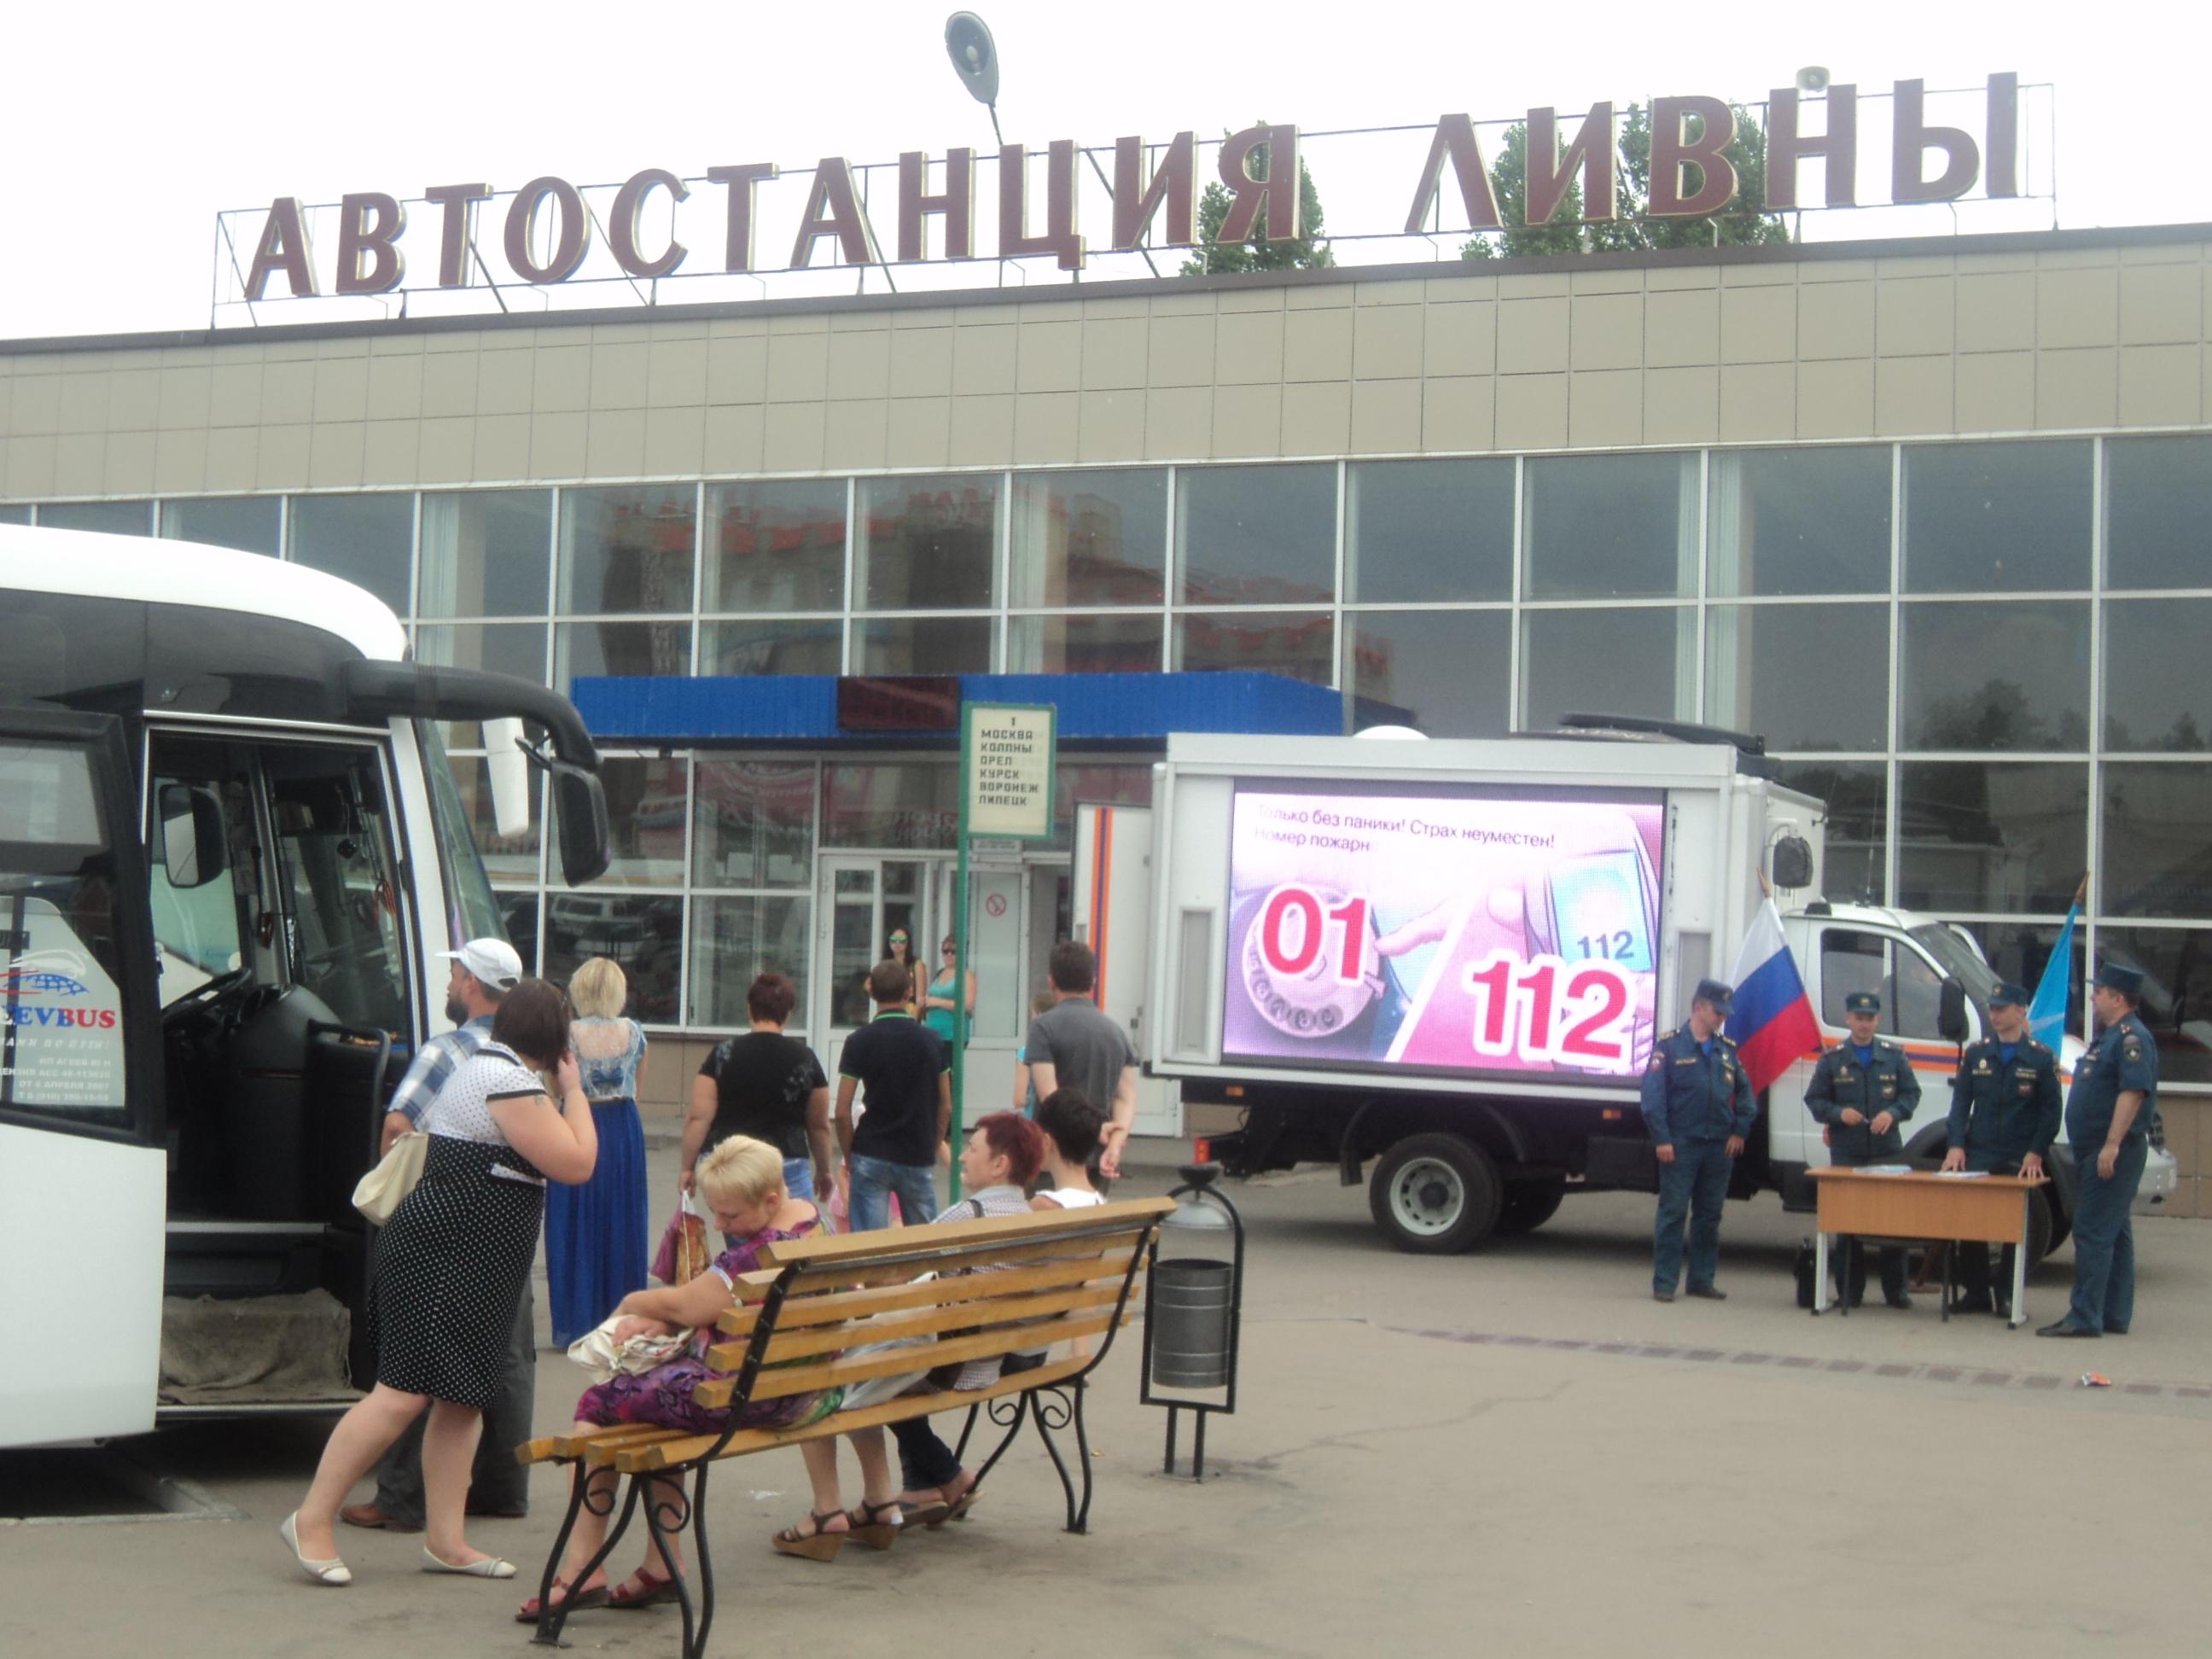 На автовокзале города Ливны Орловской области сотрудники МЧС обучали население правилам безопасности